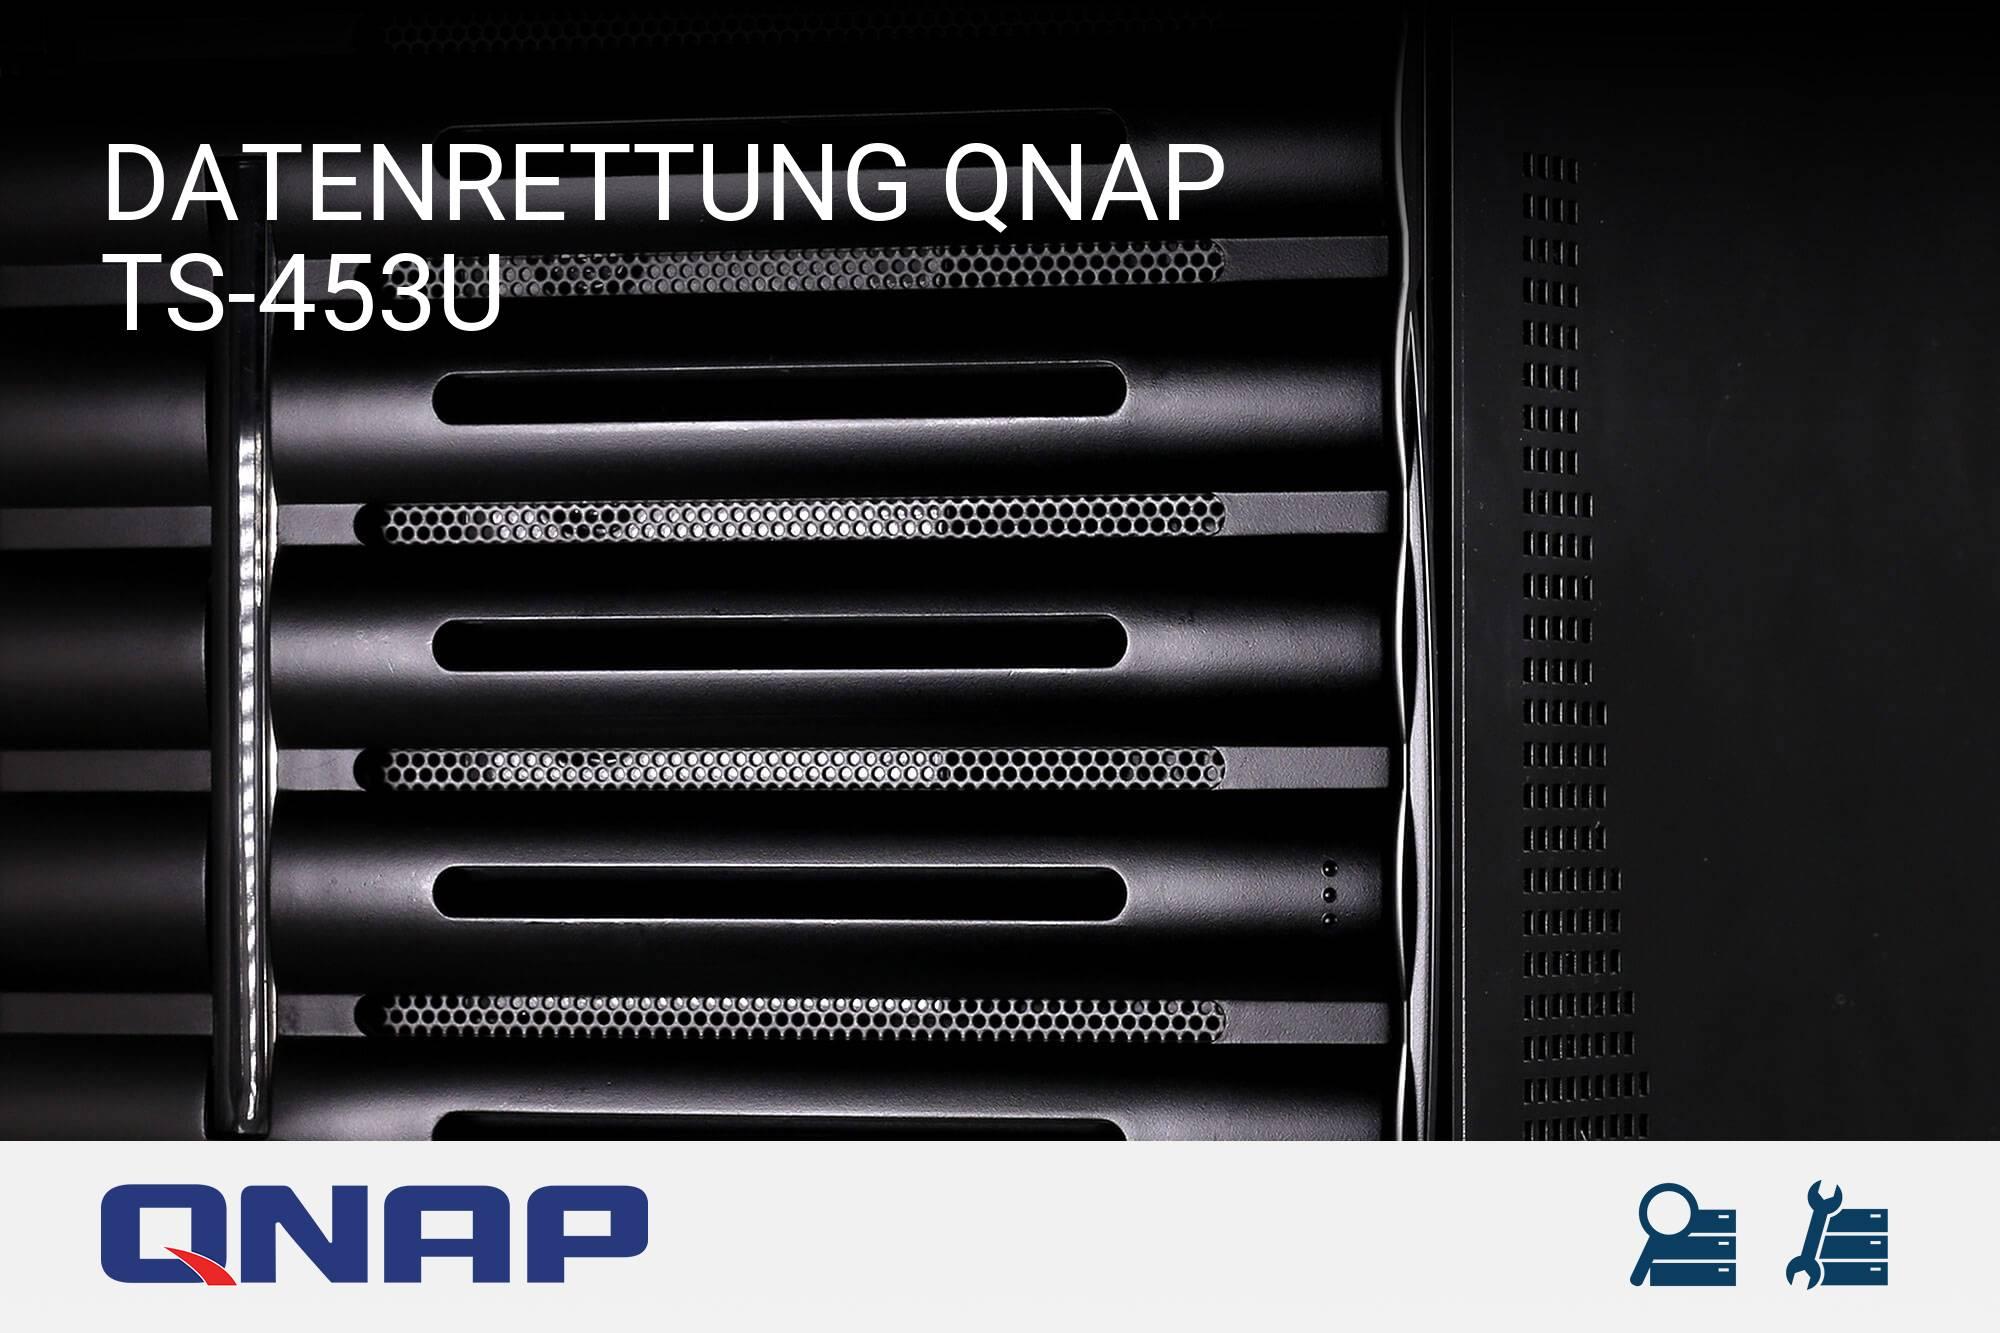 QNAP TS-453U